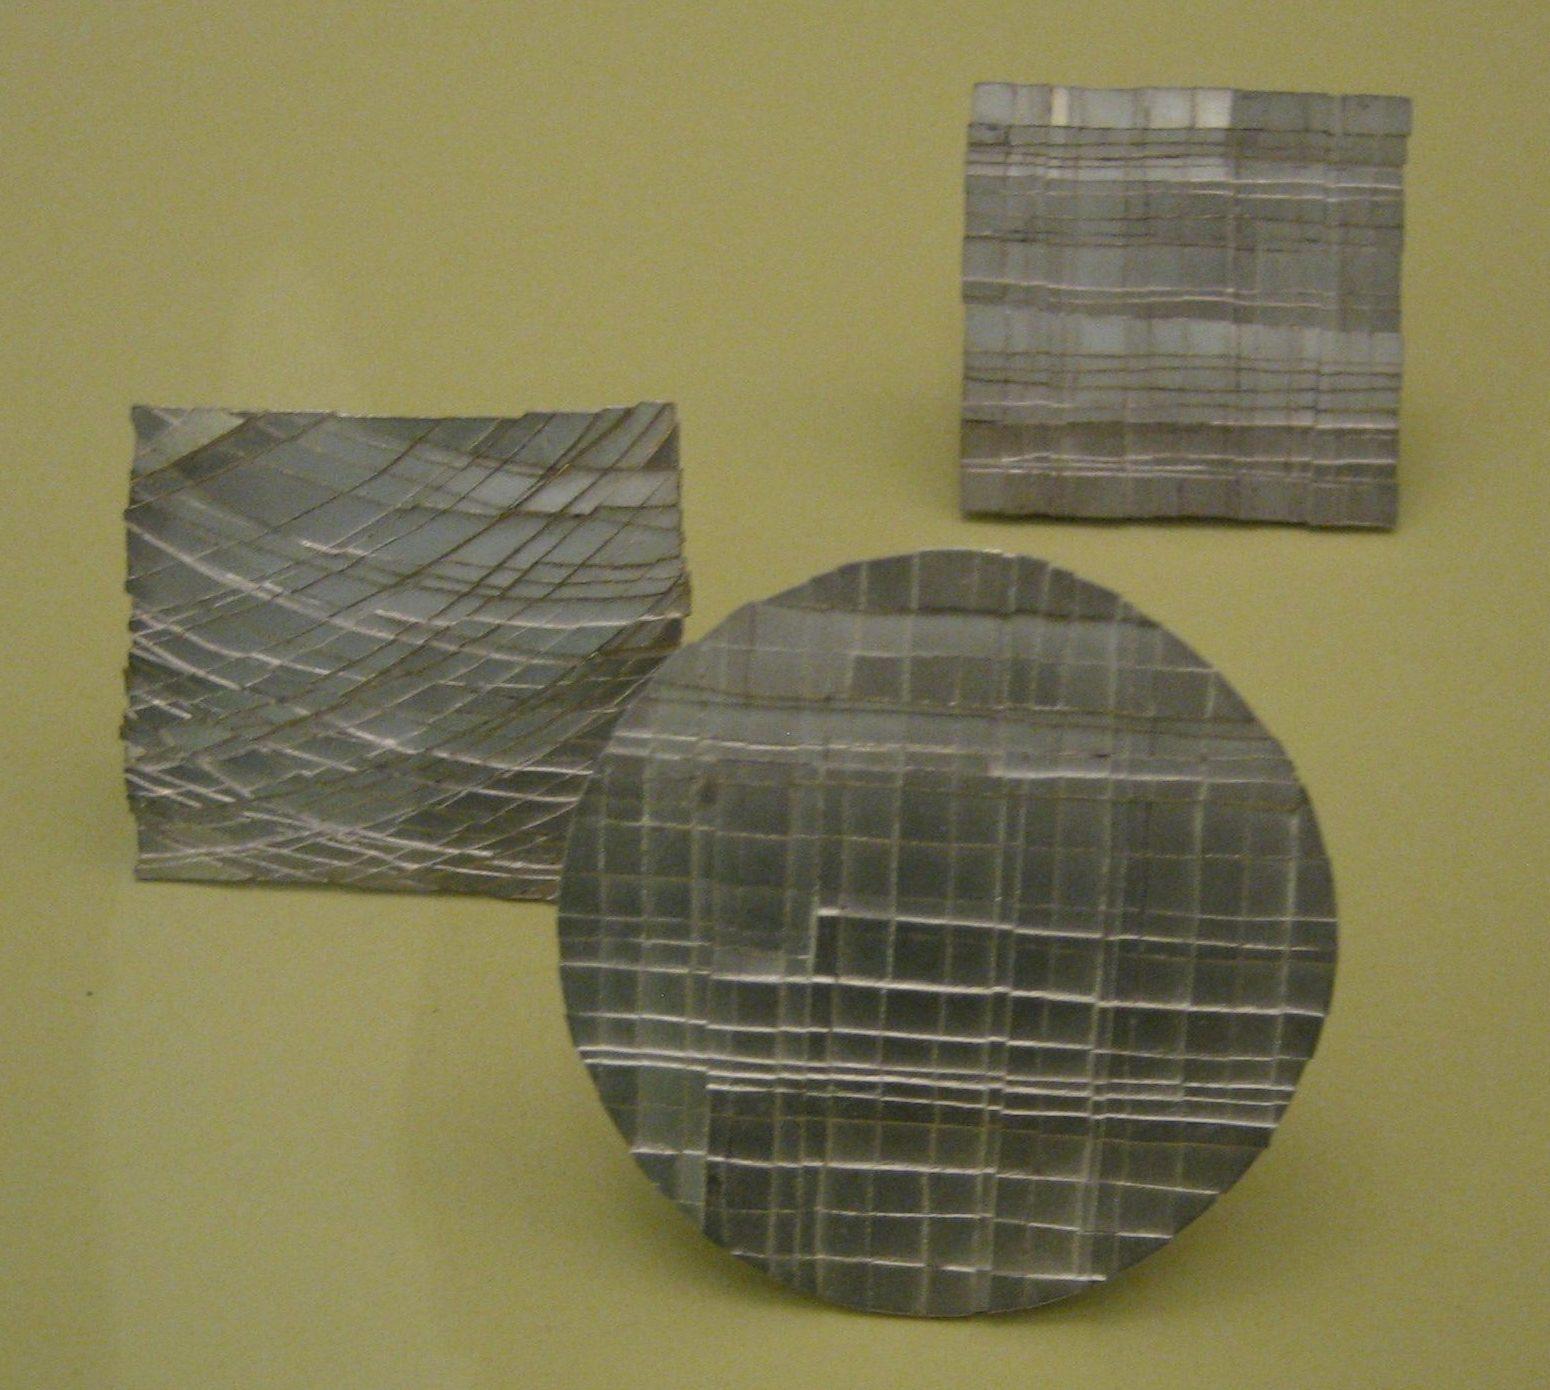 Werk in uitvoering, CODA, 2010, zilver